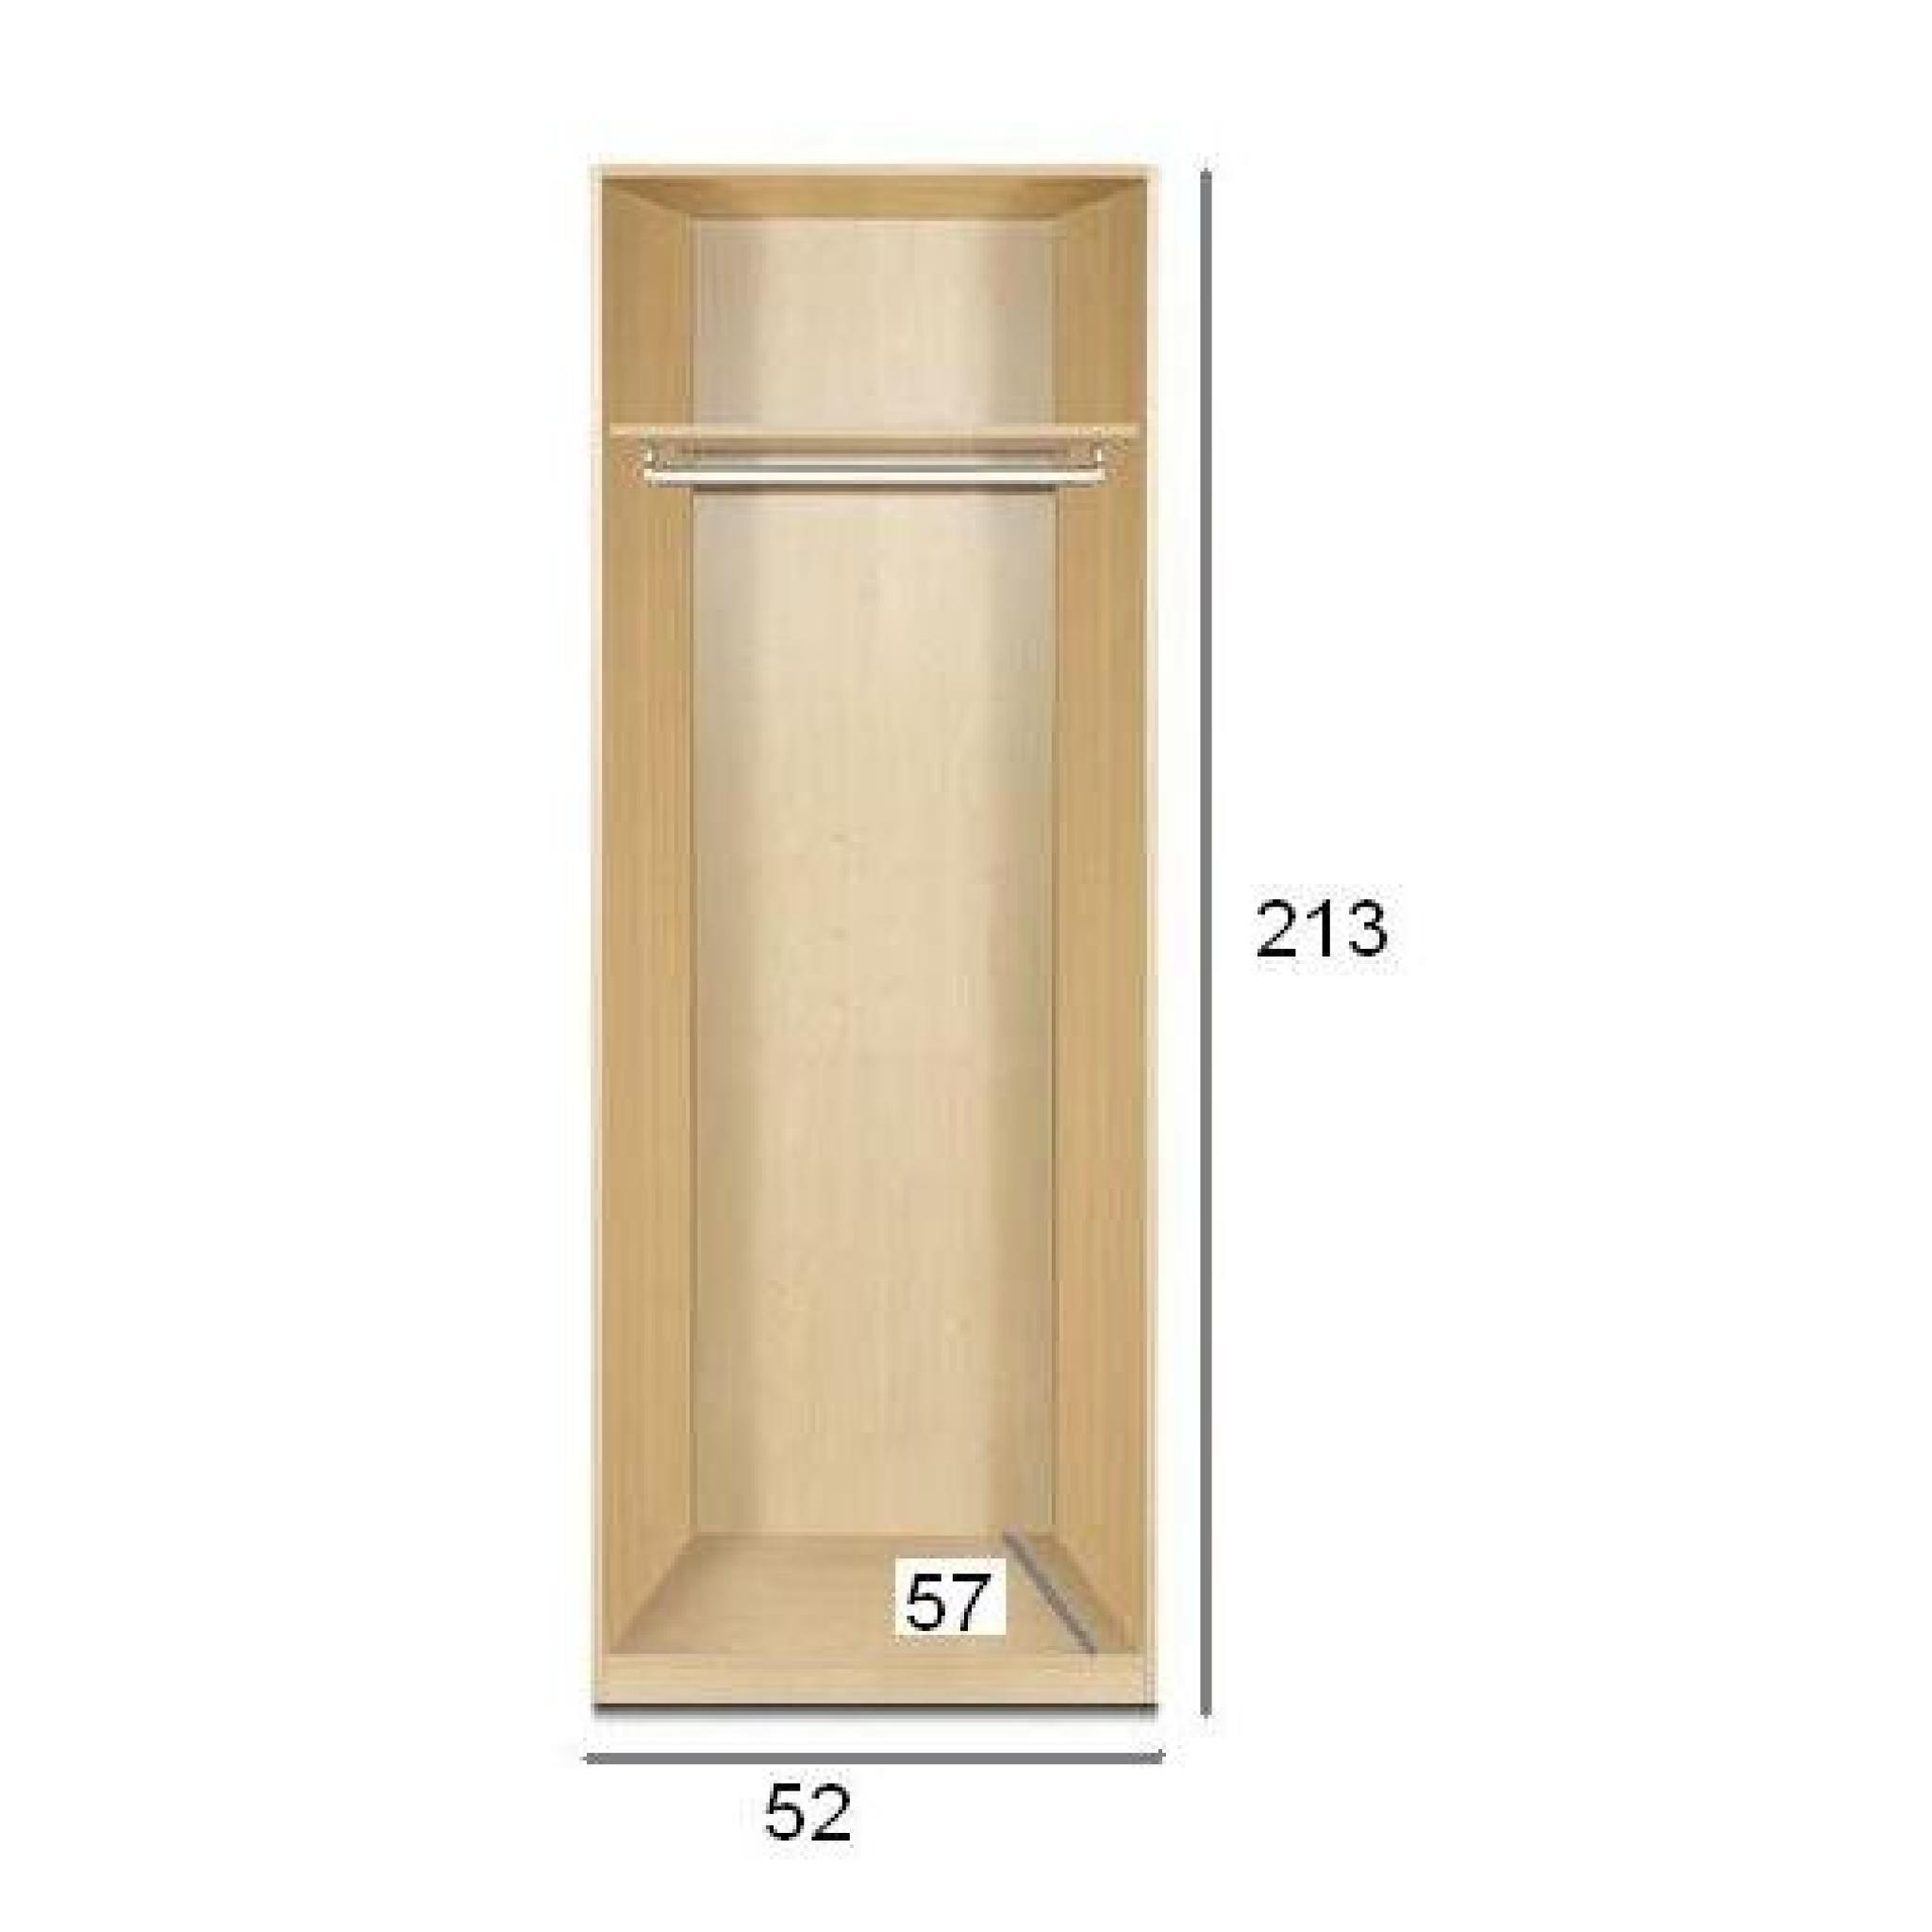 dressing penderie paris une porte abattant noye achat vente dressing pas cher couleur et. Black Bedroom Furniture Sets. Home Design Ideas